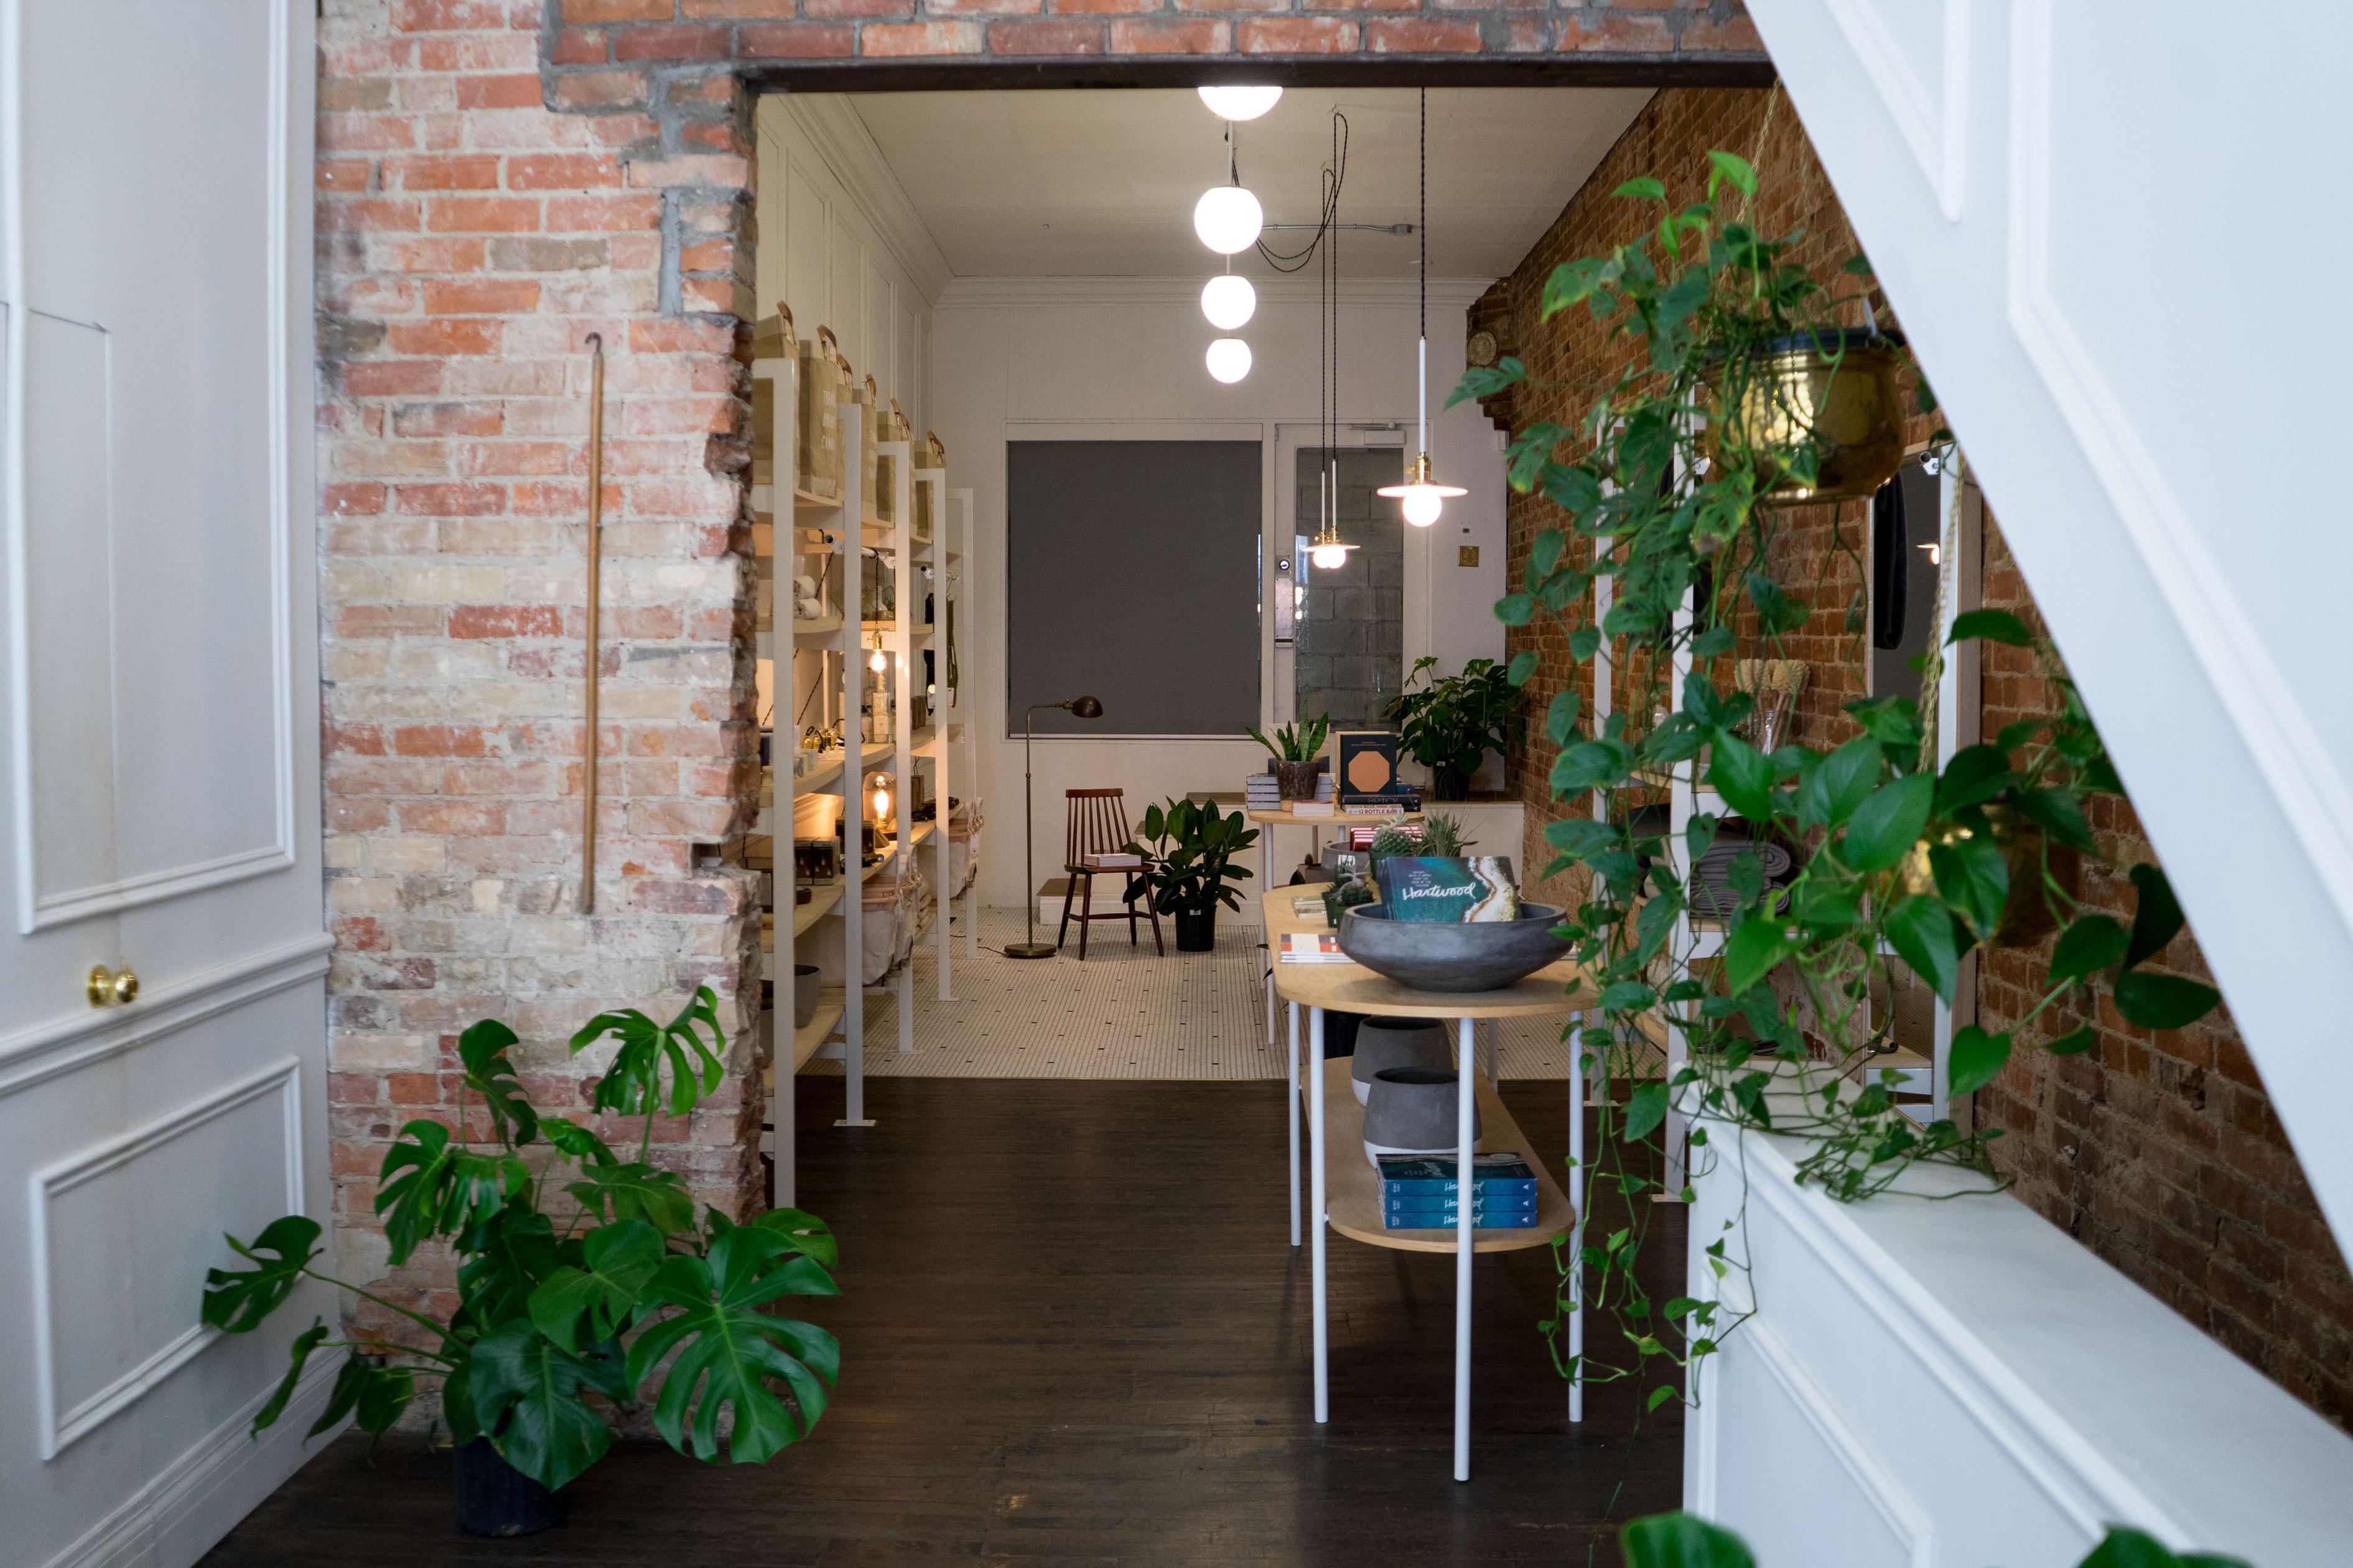 toronto old faithful shop interiors3